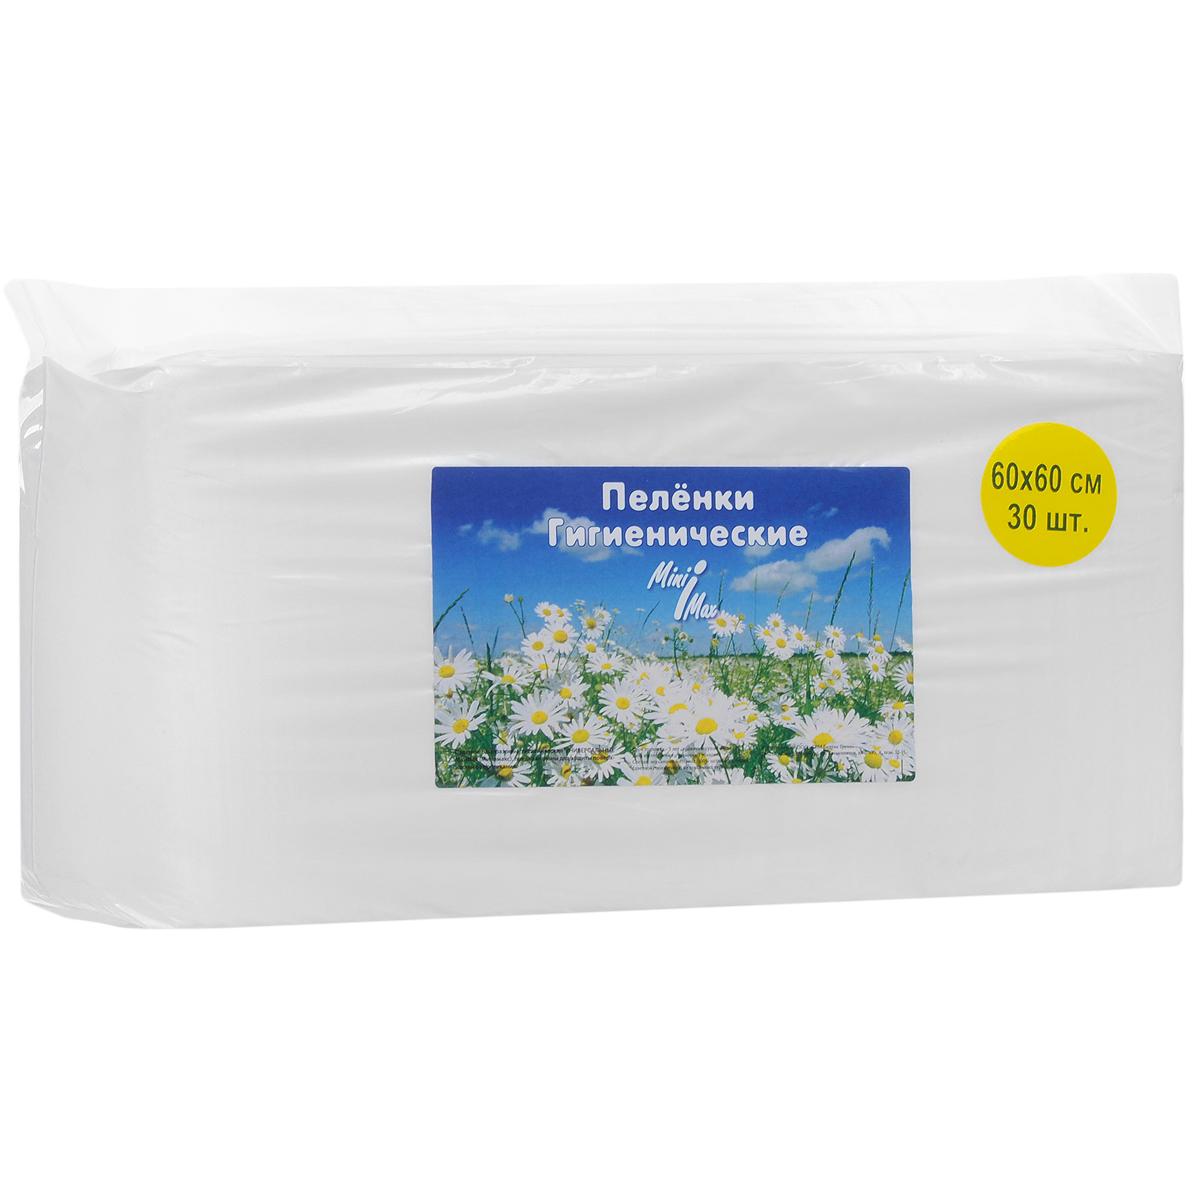 Гигиенические пеленки MiniMax, универсальные, 60 см x 60 см, 30 шт88013Универсальные гигиенические пеленки MiniMax предназначены для дополнительной защиты постельного белья, кроваток, колясок и пеленальных столиков, для ухода за домашними животными и для проведения других гигиенических и медицинских процедур. Поверхность пеленок изготовлена из нетканого гипоаллергенного материала, позволяющего сохранить кожу сухой и чистой, а также избежать возникновения раздражения. Внутренняя впитывающая часть изготовлена из распушенной целлюлозы, отлично впитывающей влагу и надежно удерживающей ее внутри. Пеленки можно стирать. С пеленками MiniMax вам будет комфортно в любой ситуации. В комплект входят 30 пеленок. Материал: нетканое полотно, распущенная целлюлоза.